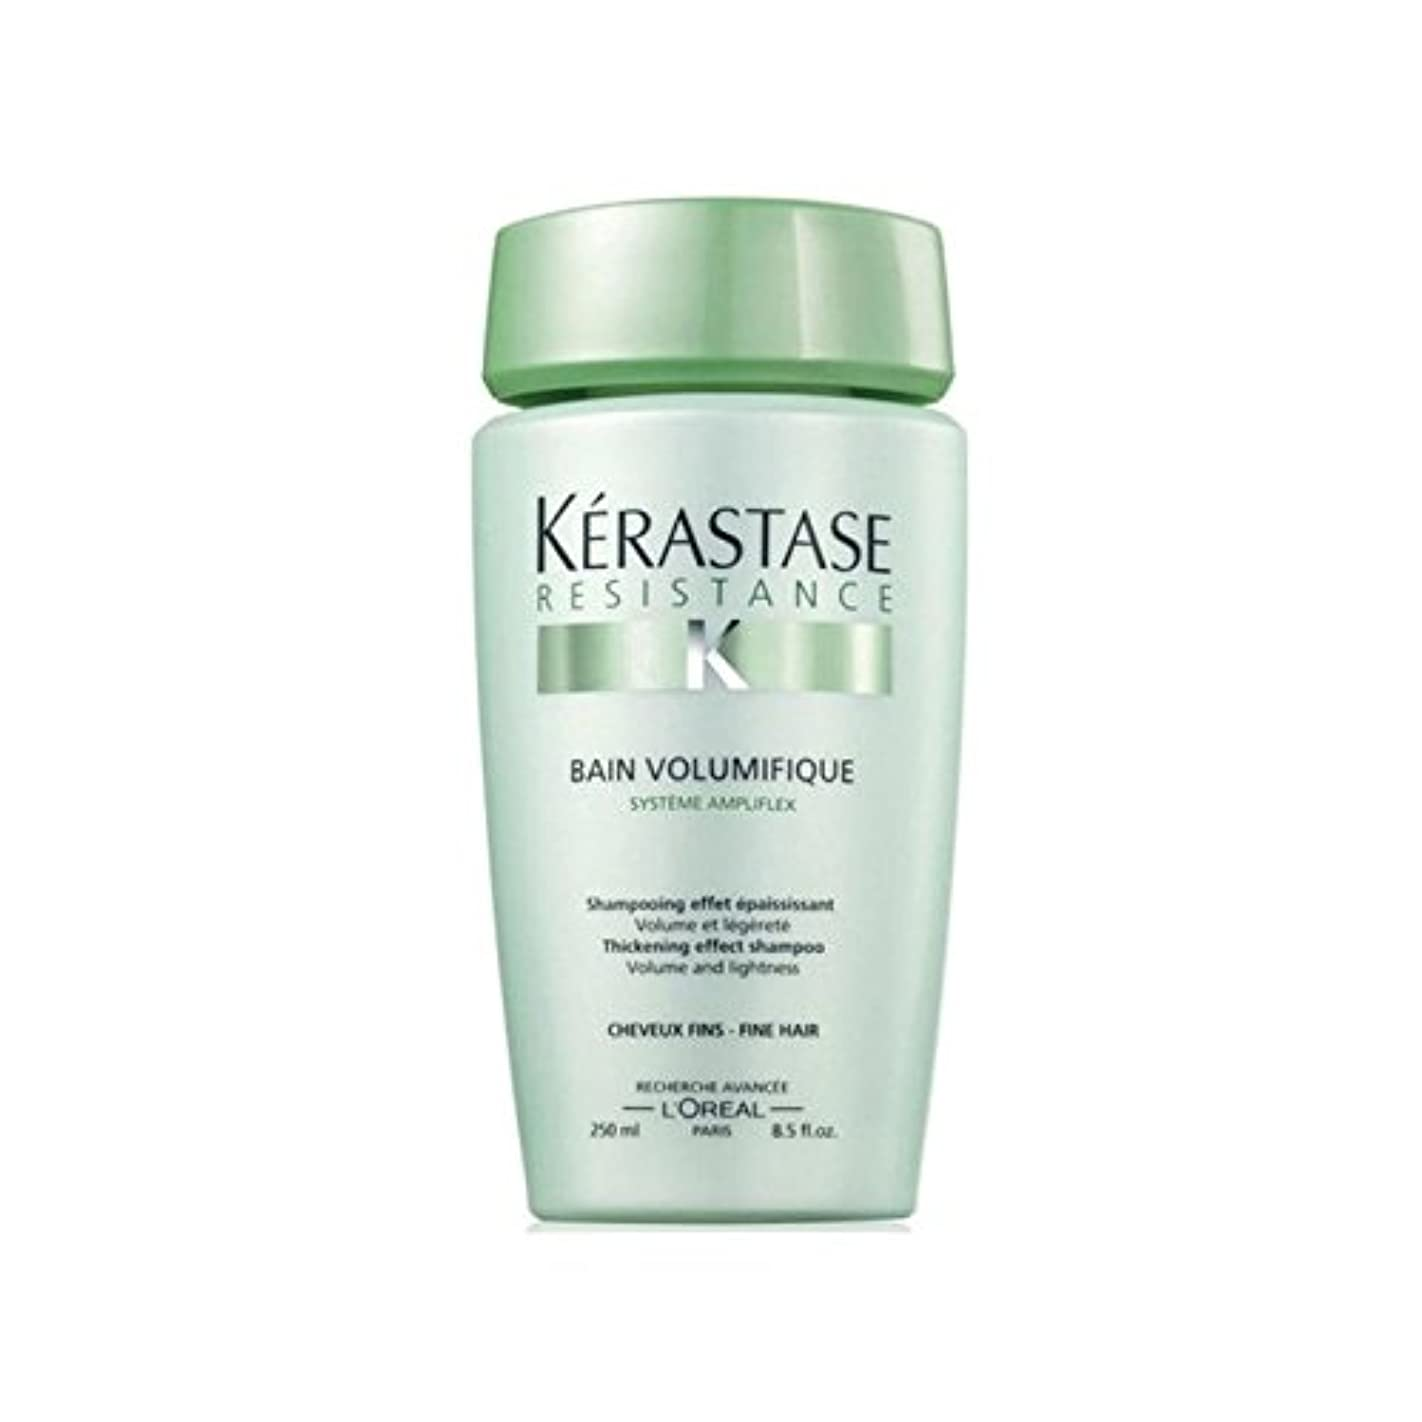 乳白色インスタントベッドK?rastase Resistance Volumifique Bain (250ml) (Pack of 6) - ケラスターゼ抵抗ベイン(250ミリリットル) x6 [並行輸入品]